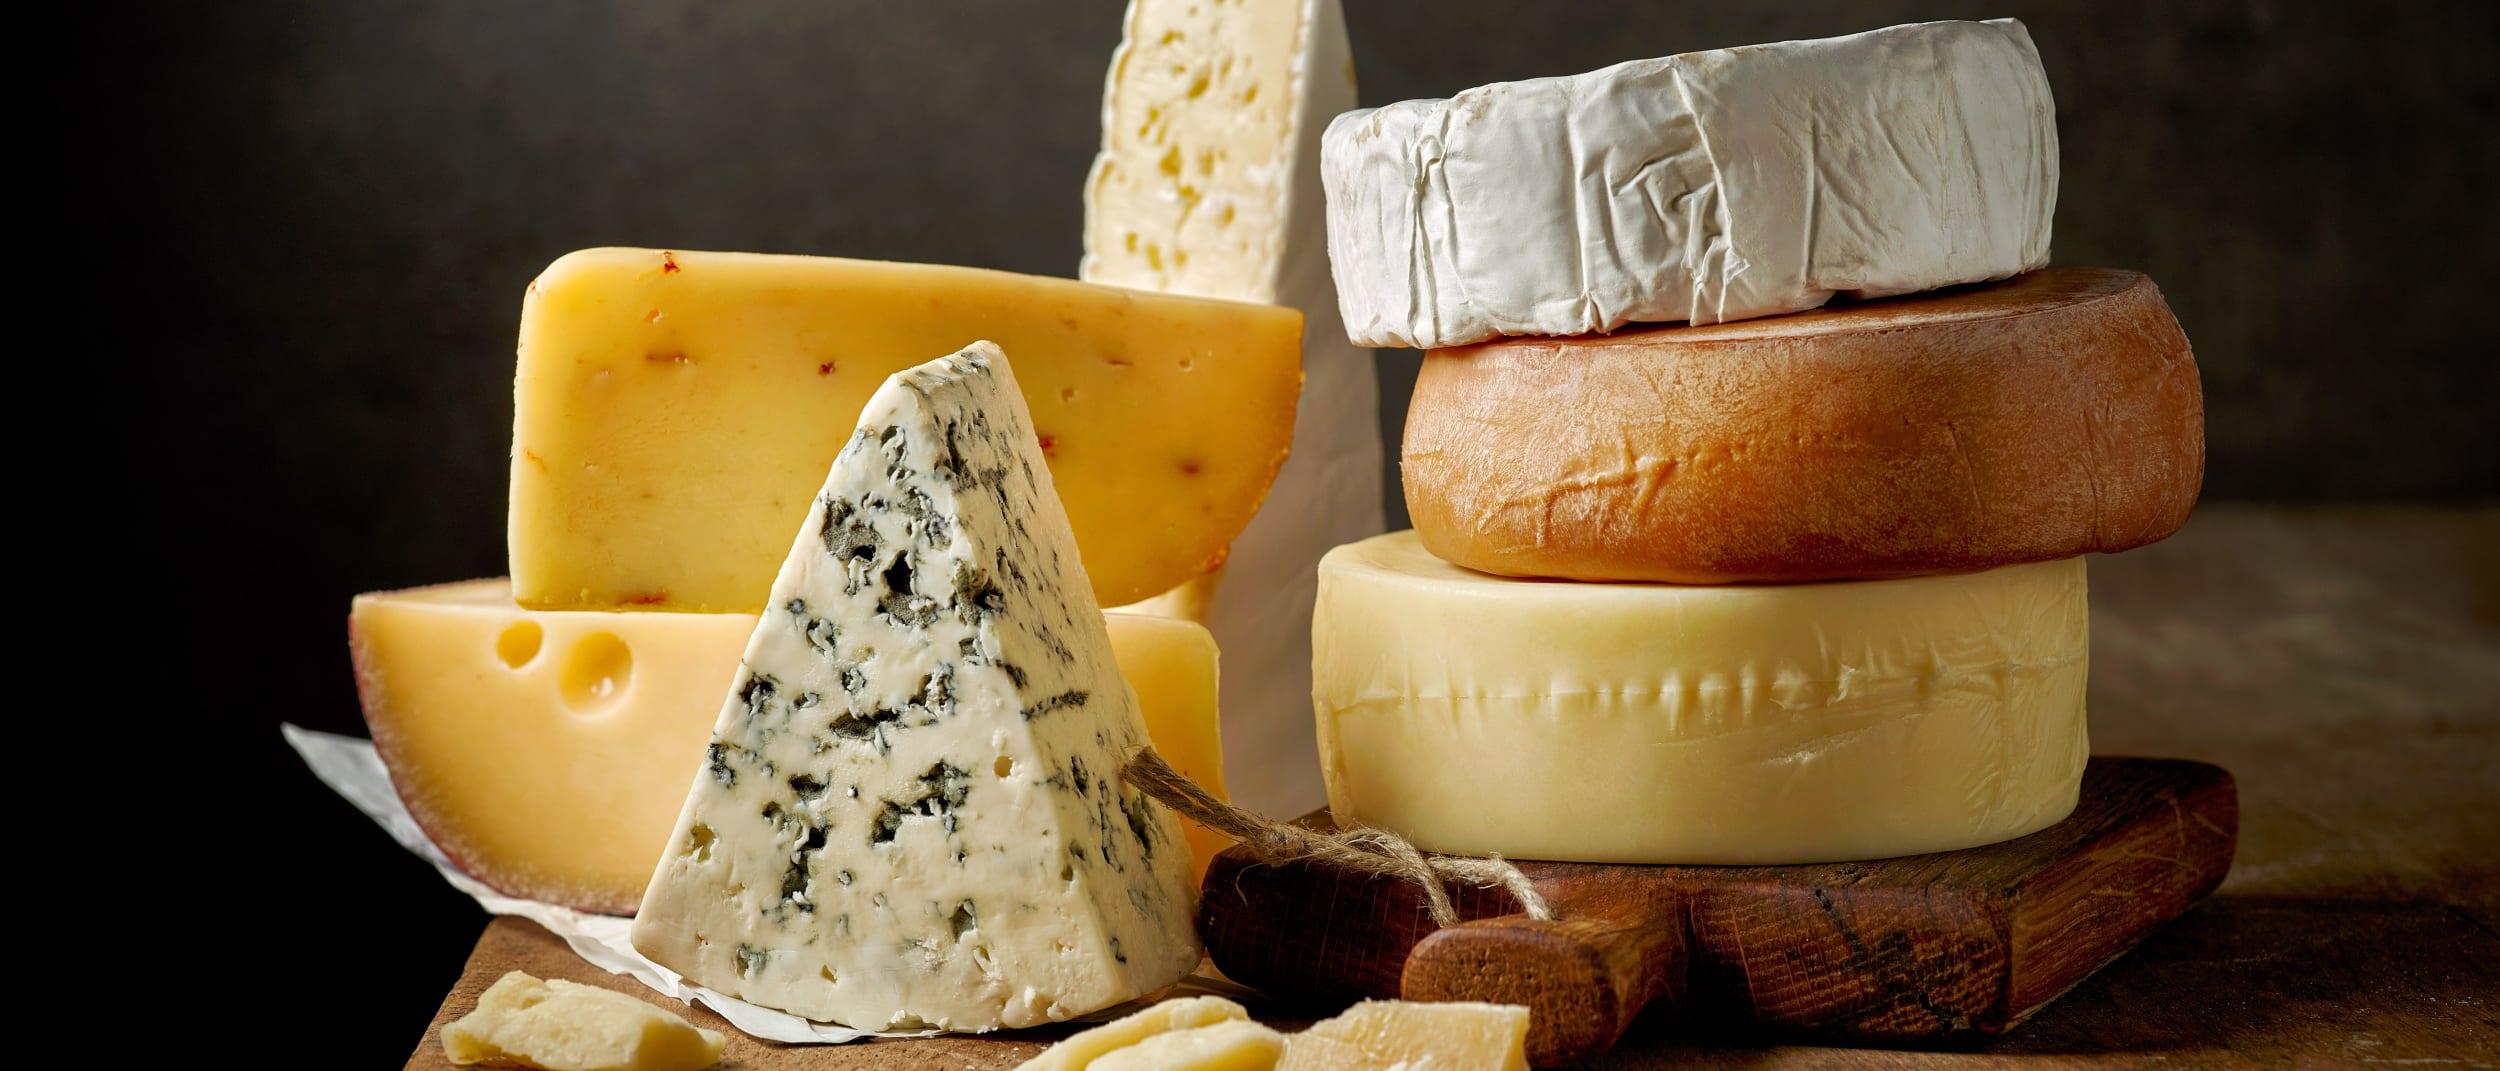 Deli Fresco: Cheese specials